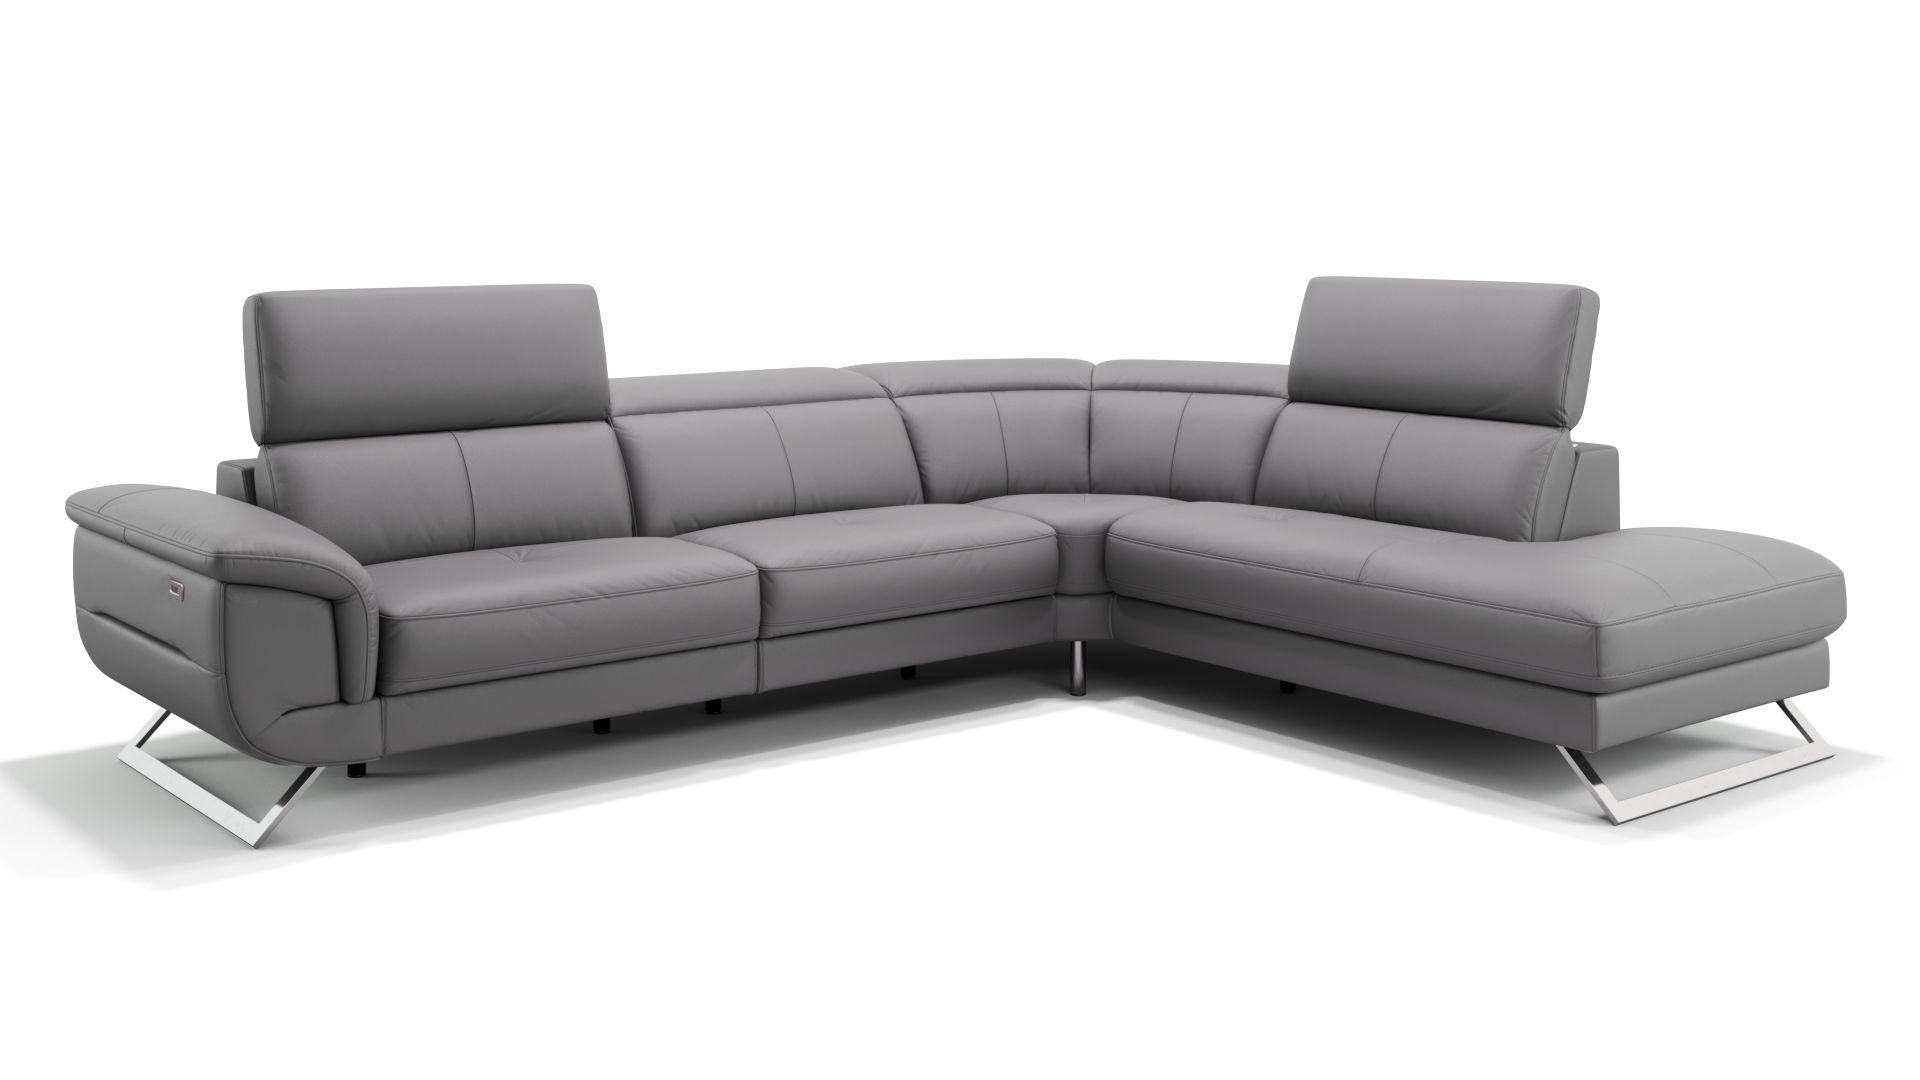 Full Size of Ikea Sofa Elektrisch Aufgeladen Couch Was Tun Geladen Mit Elektrischer Relaxfunktion Statisch Sitzvorzug Ausfahrbar Elektrische Sitztiefenverstellung Sofa Sofa Elektrisch